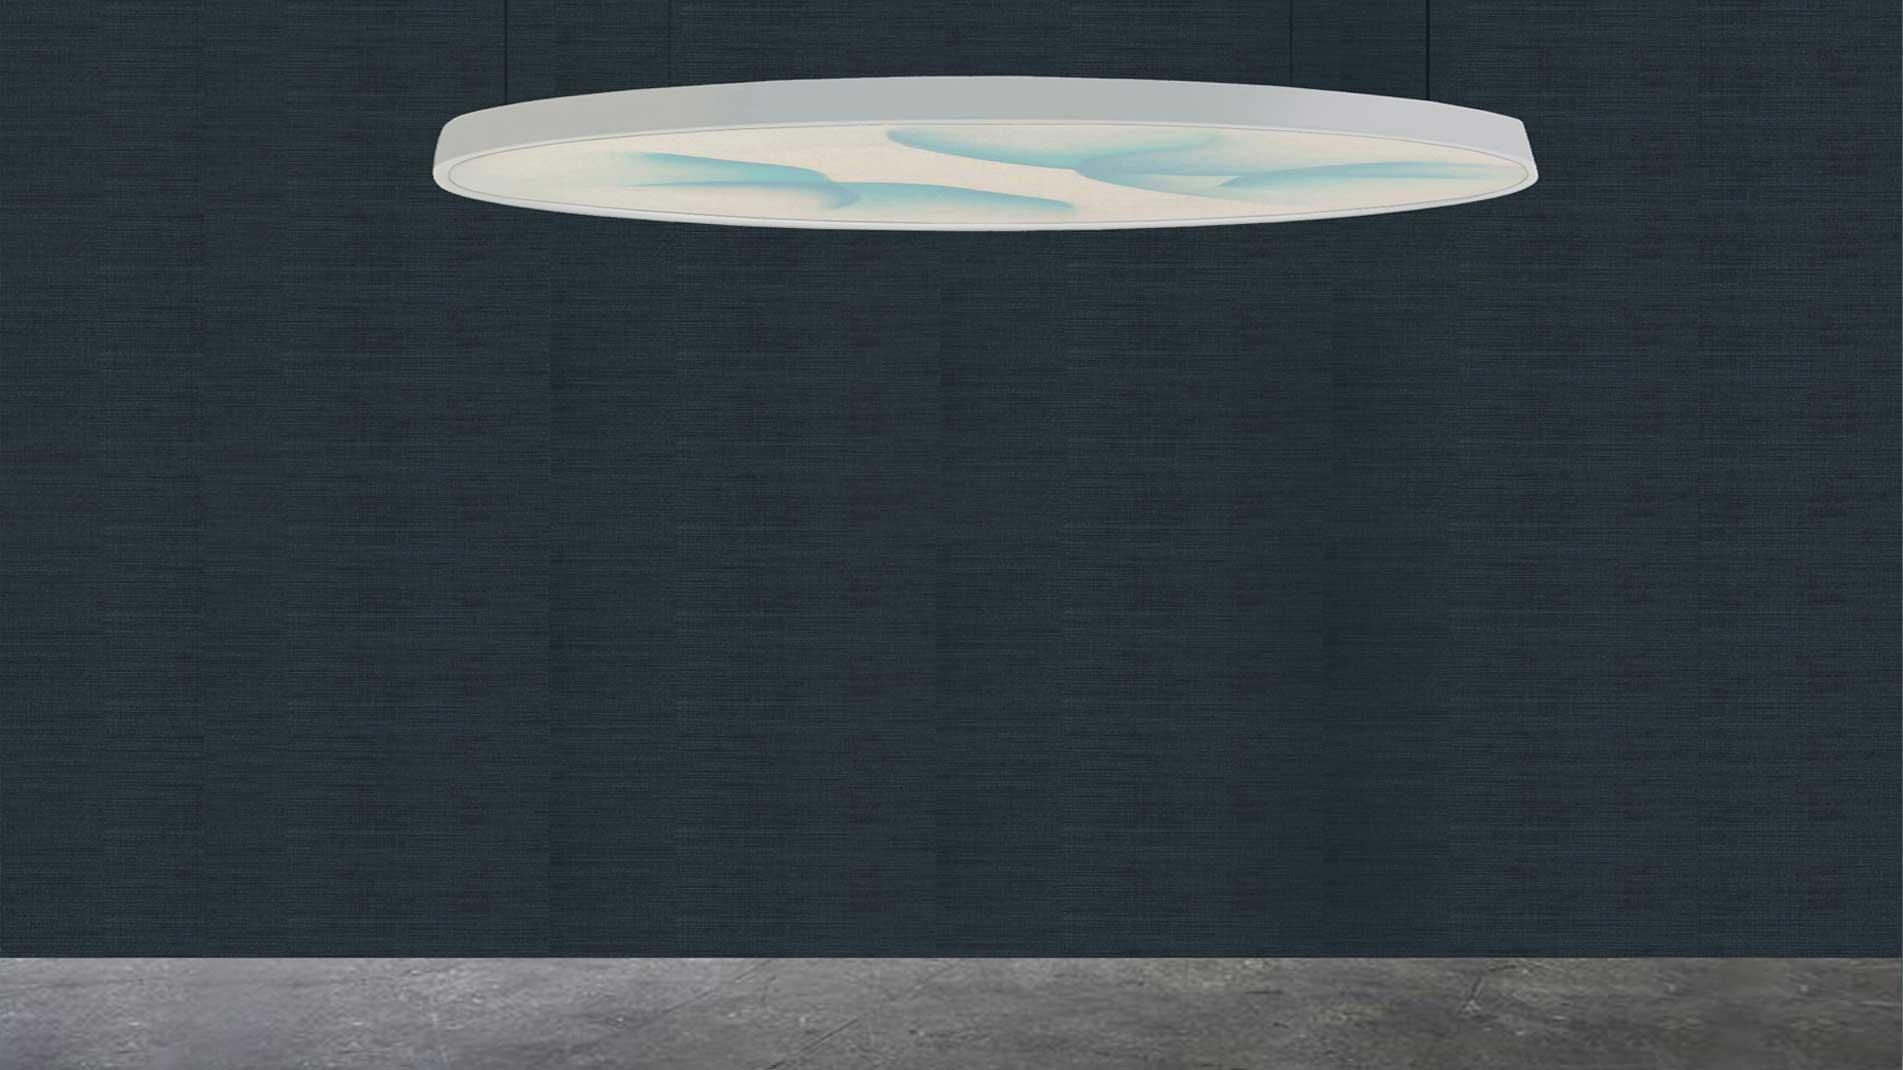 Guillaume Bottazzi, oeuvre rétroéclairée réalisée dans un espace public à Lyon